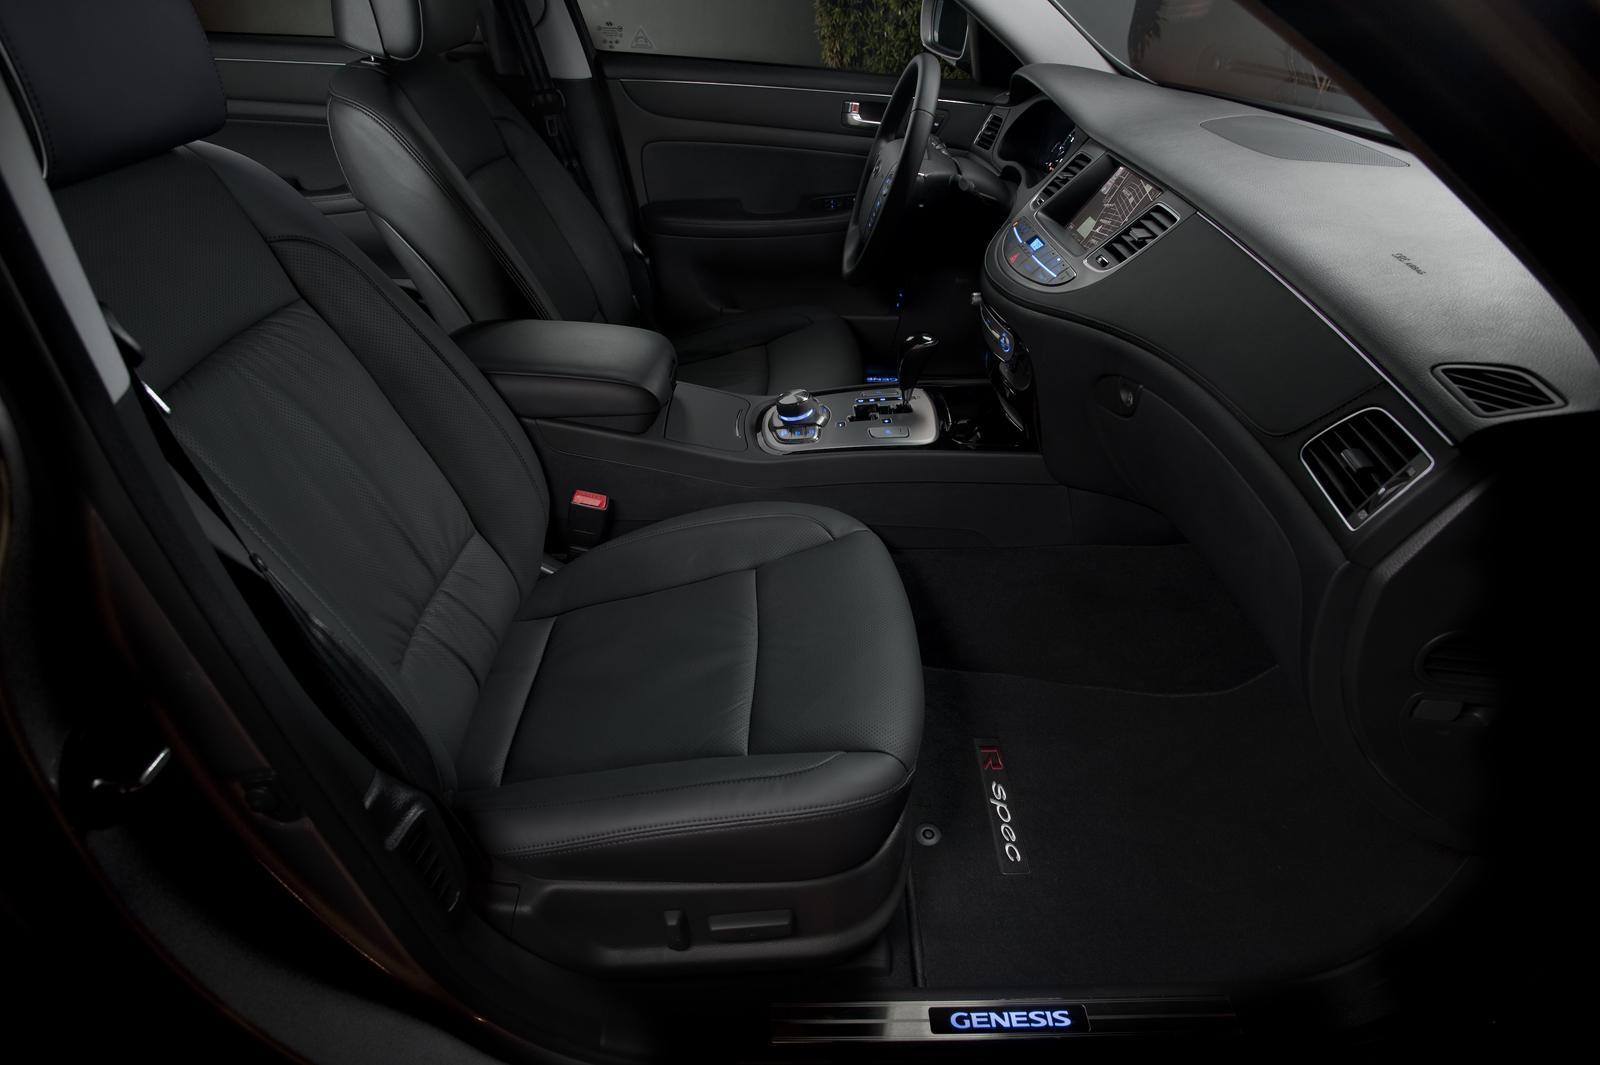 2013 Mercedes-Benz SL 65 AMG - Price €236,334